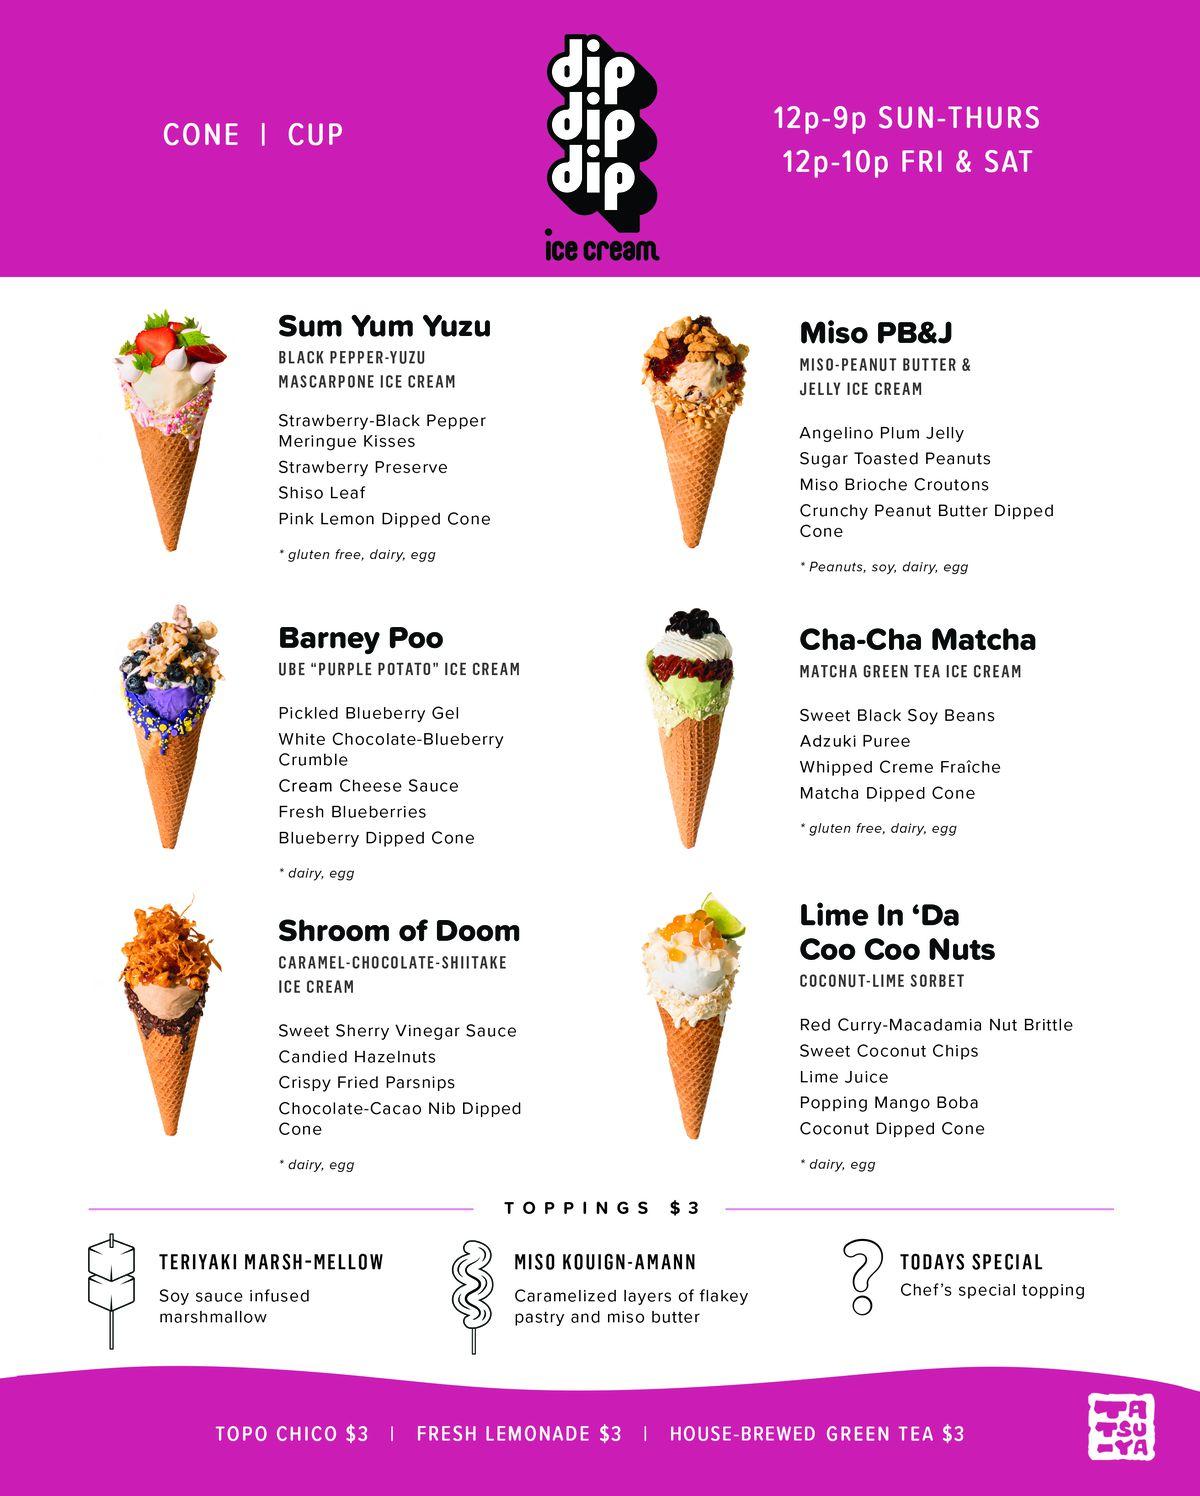 The menu at DipDipDip Ice Cream